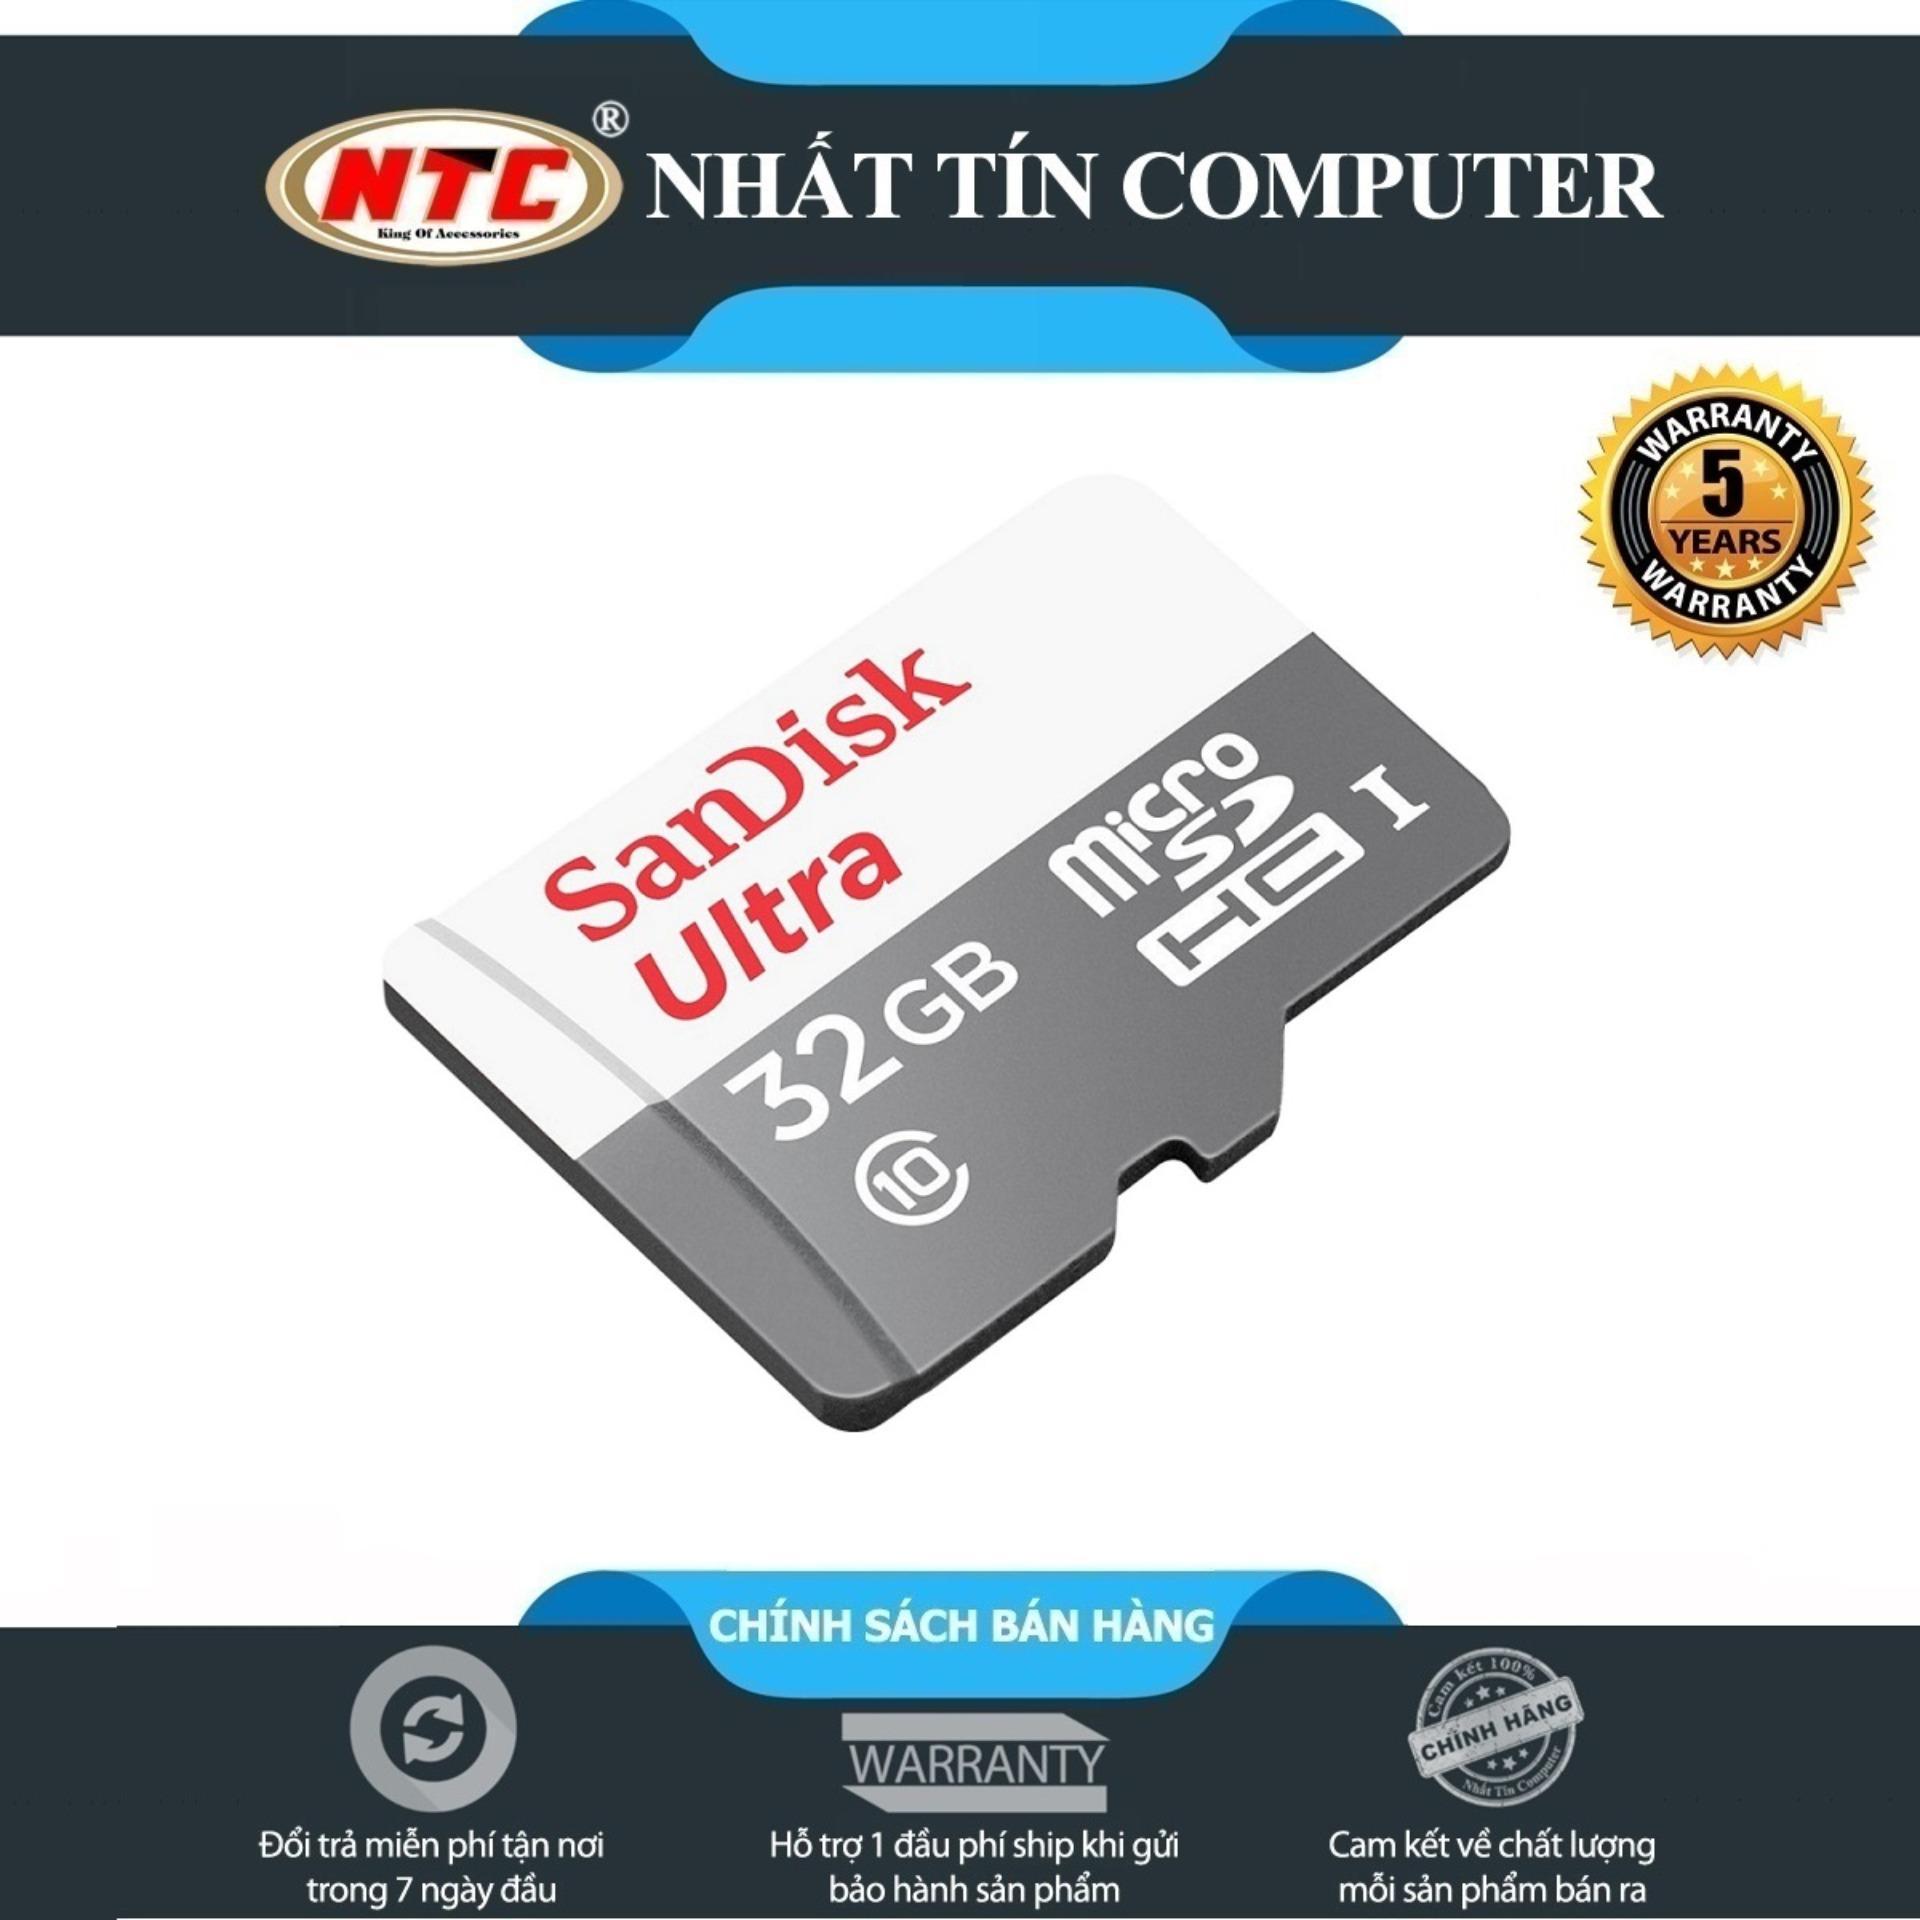 Thẻ nhớ MicroSDHC SanDisk Ultra 533X 32GB 80MB/s - Model 2017 (Trắng bạc)